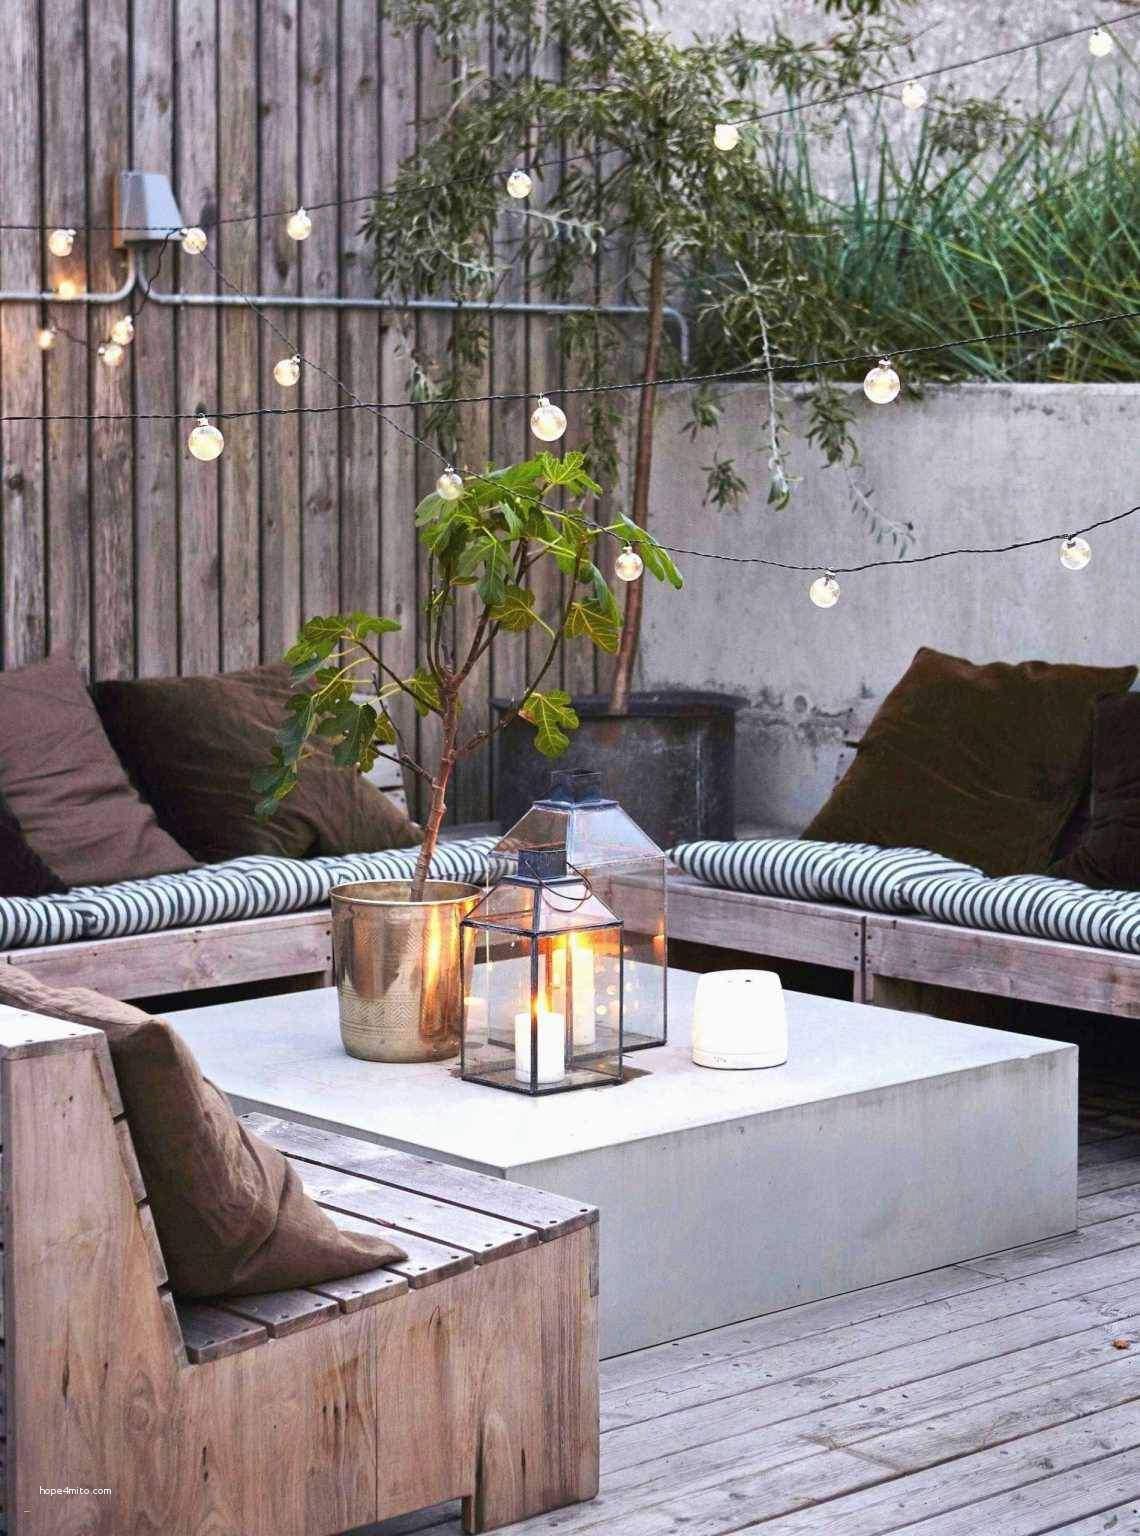 Baumstumpf Dekorieren Best Of Holzstamm Deko Garten Neu Holz Deko Wand Wohnzimmer Lovely